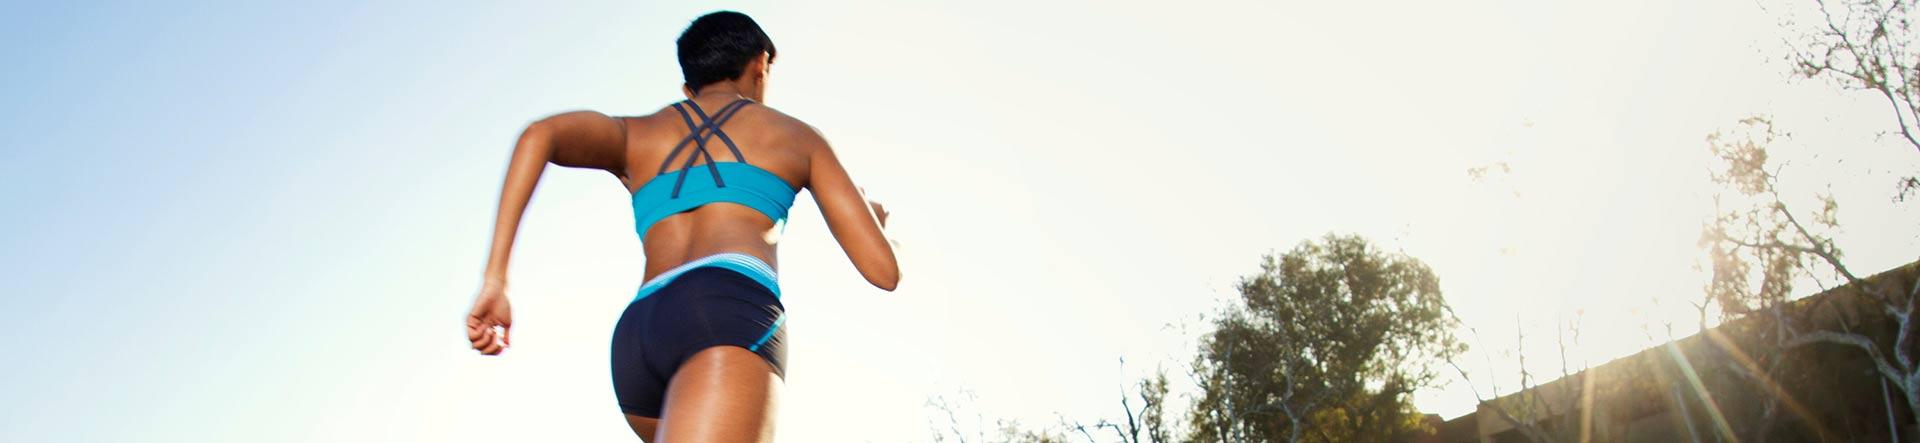 Glicogénio muscular | O que é? Qual a sua importância na prática do exercício físico?